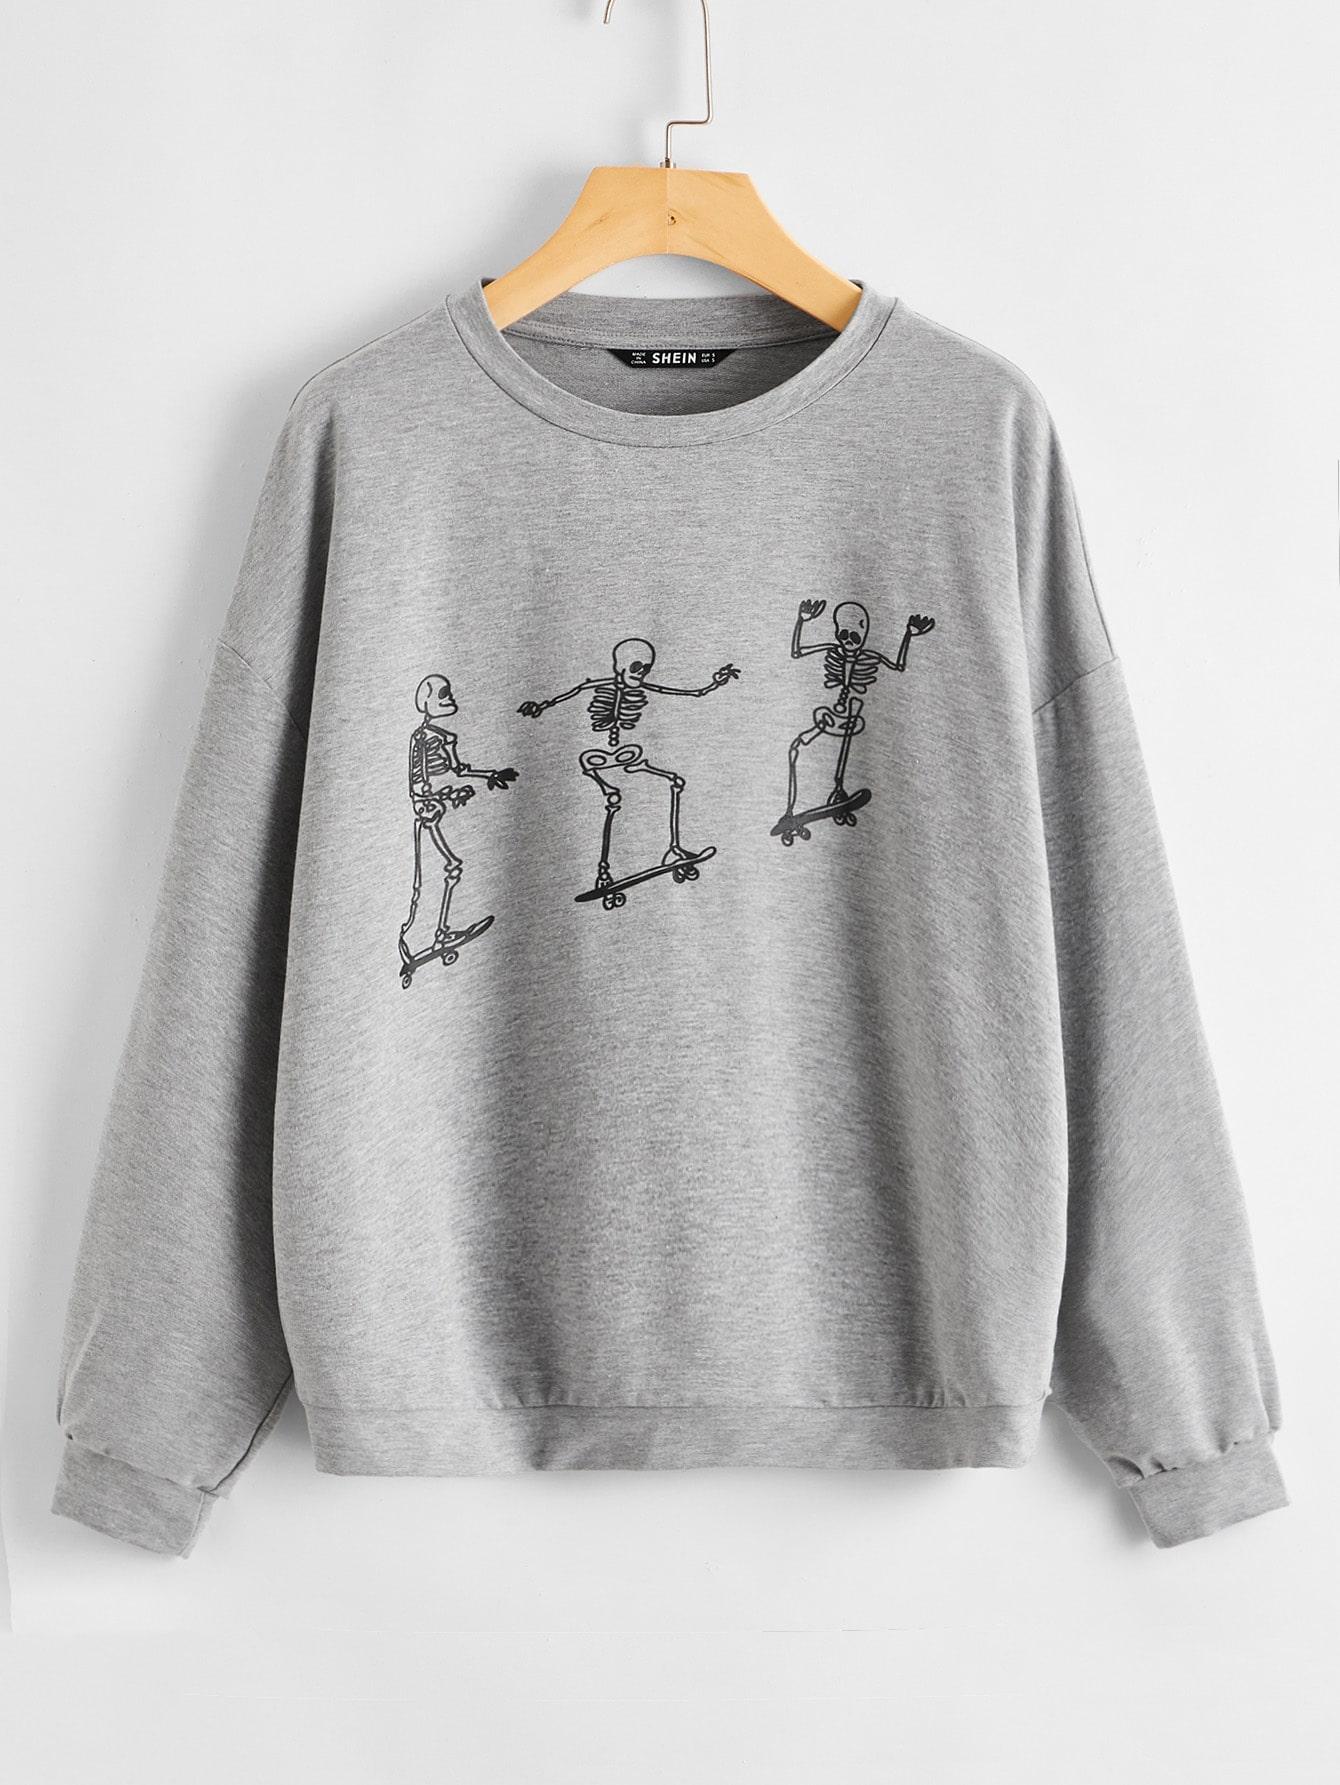 Plus Skater Skeleton Graphic Pullover thumbnail